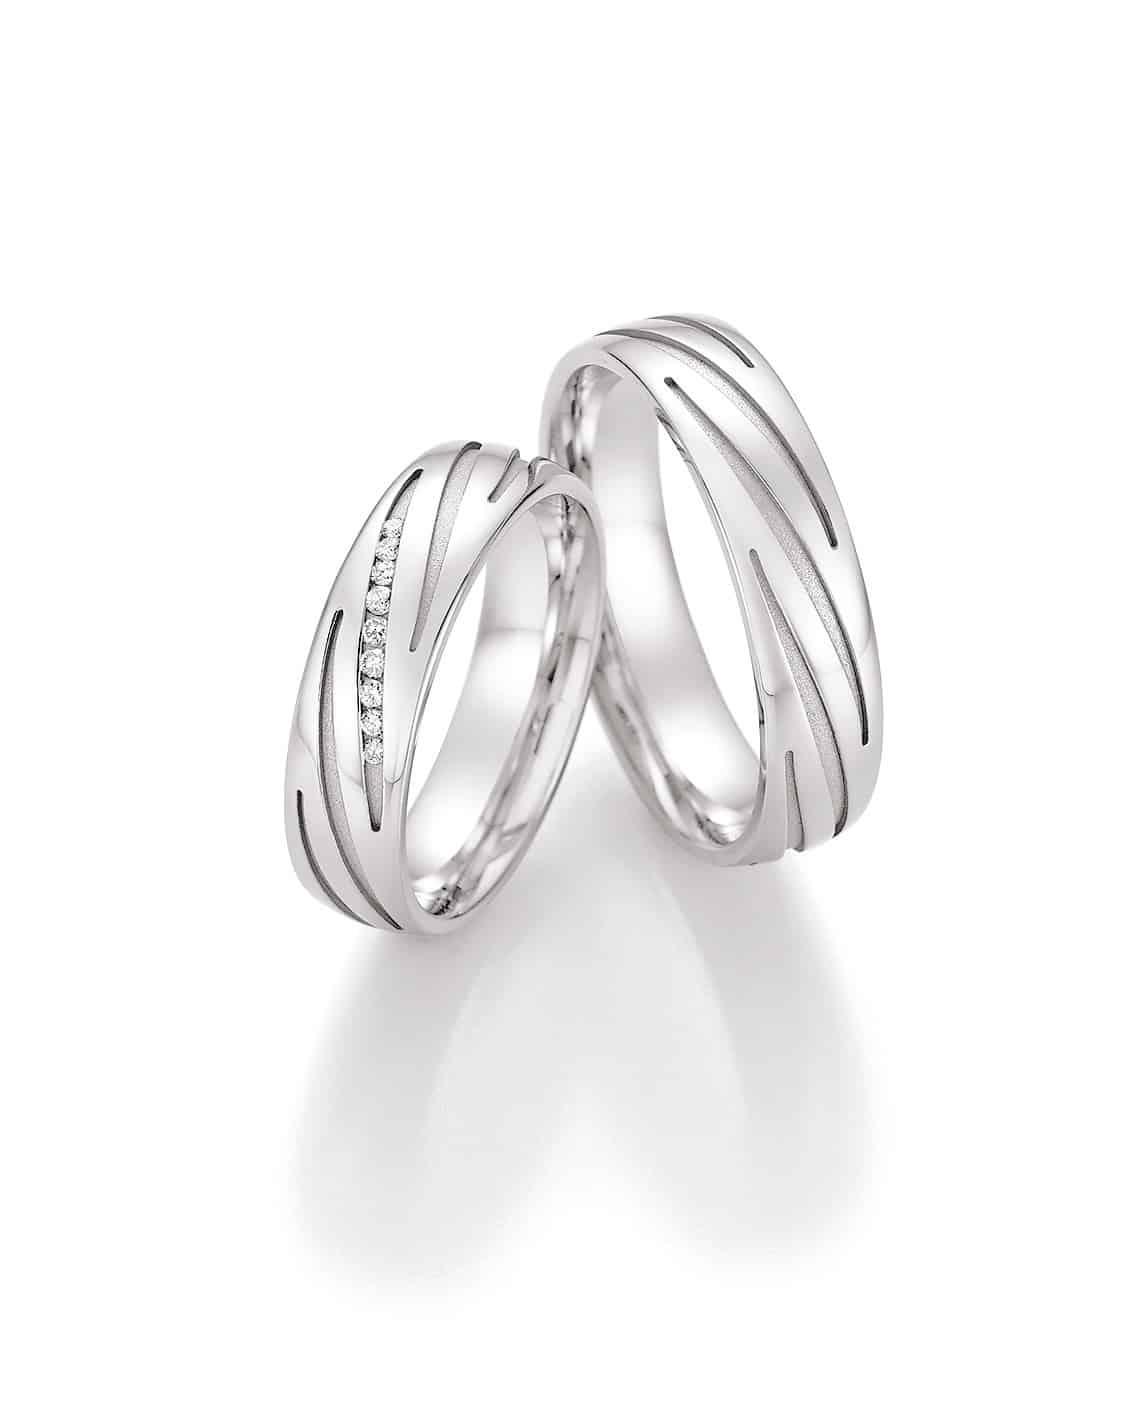 Ráj prstenů : Silver Dream 7